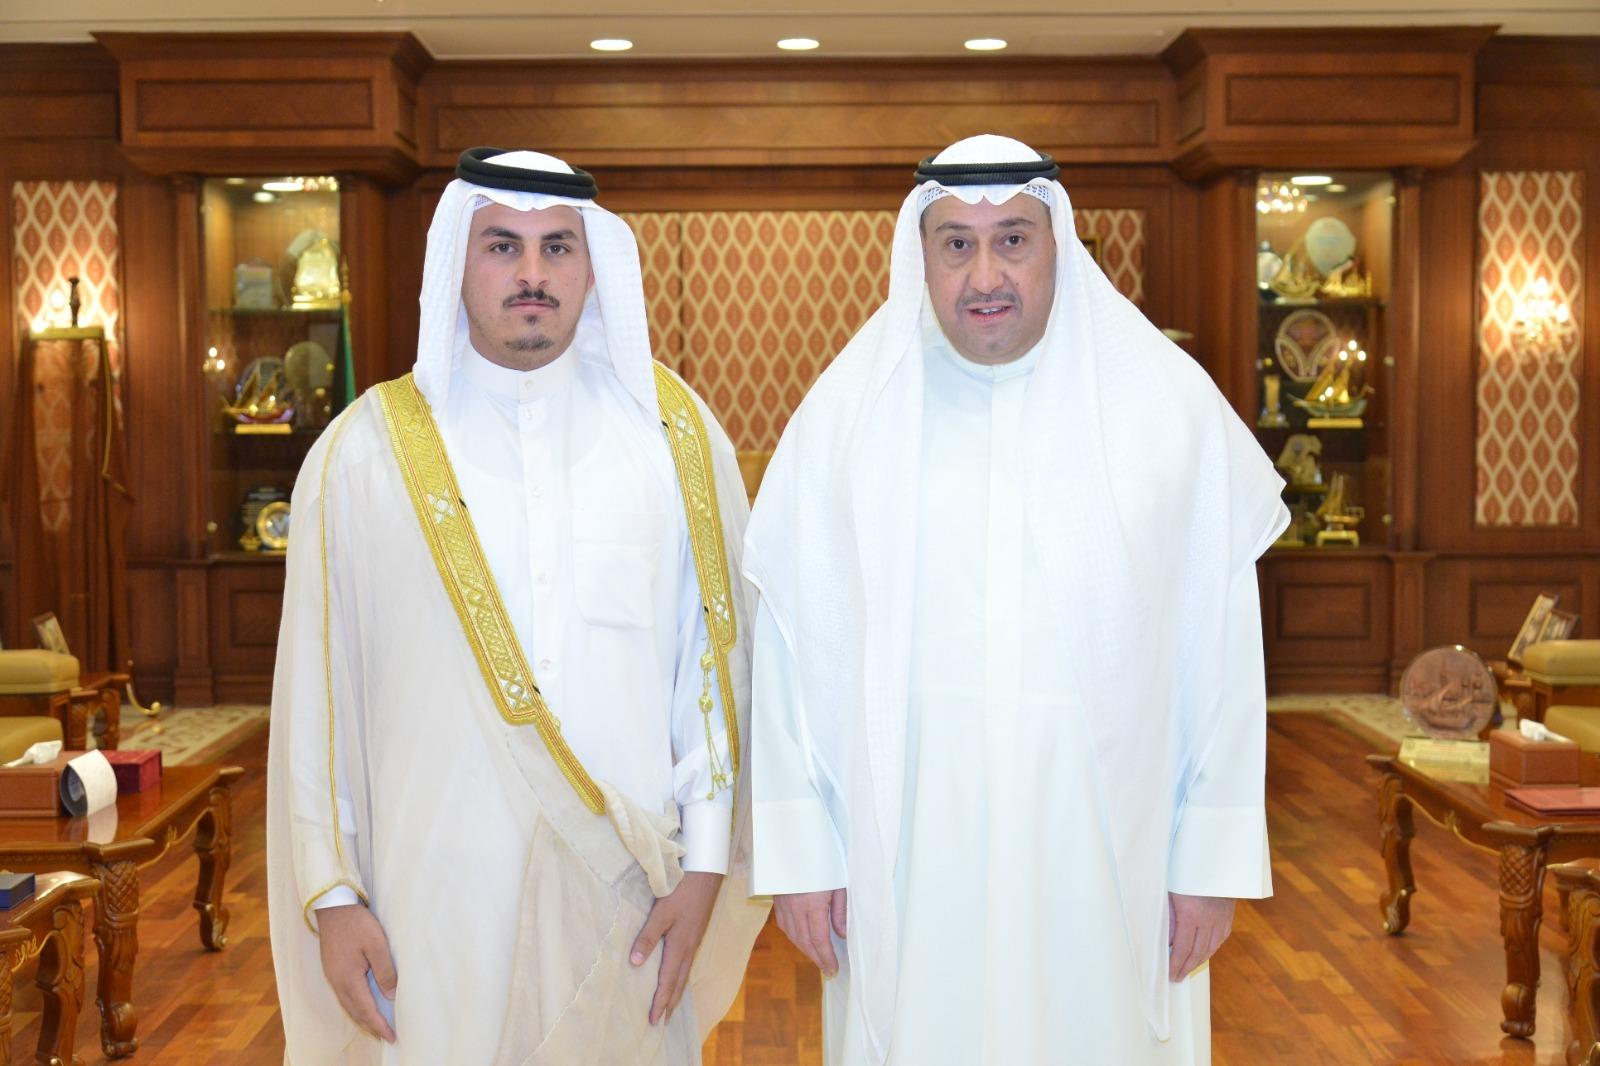 الشيخ فيصل الحمود : يستقبل الشيخ مسعد ال حبيّب الغزي من الناصرية بجمهورية العراق